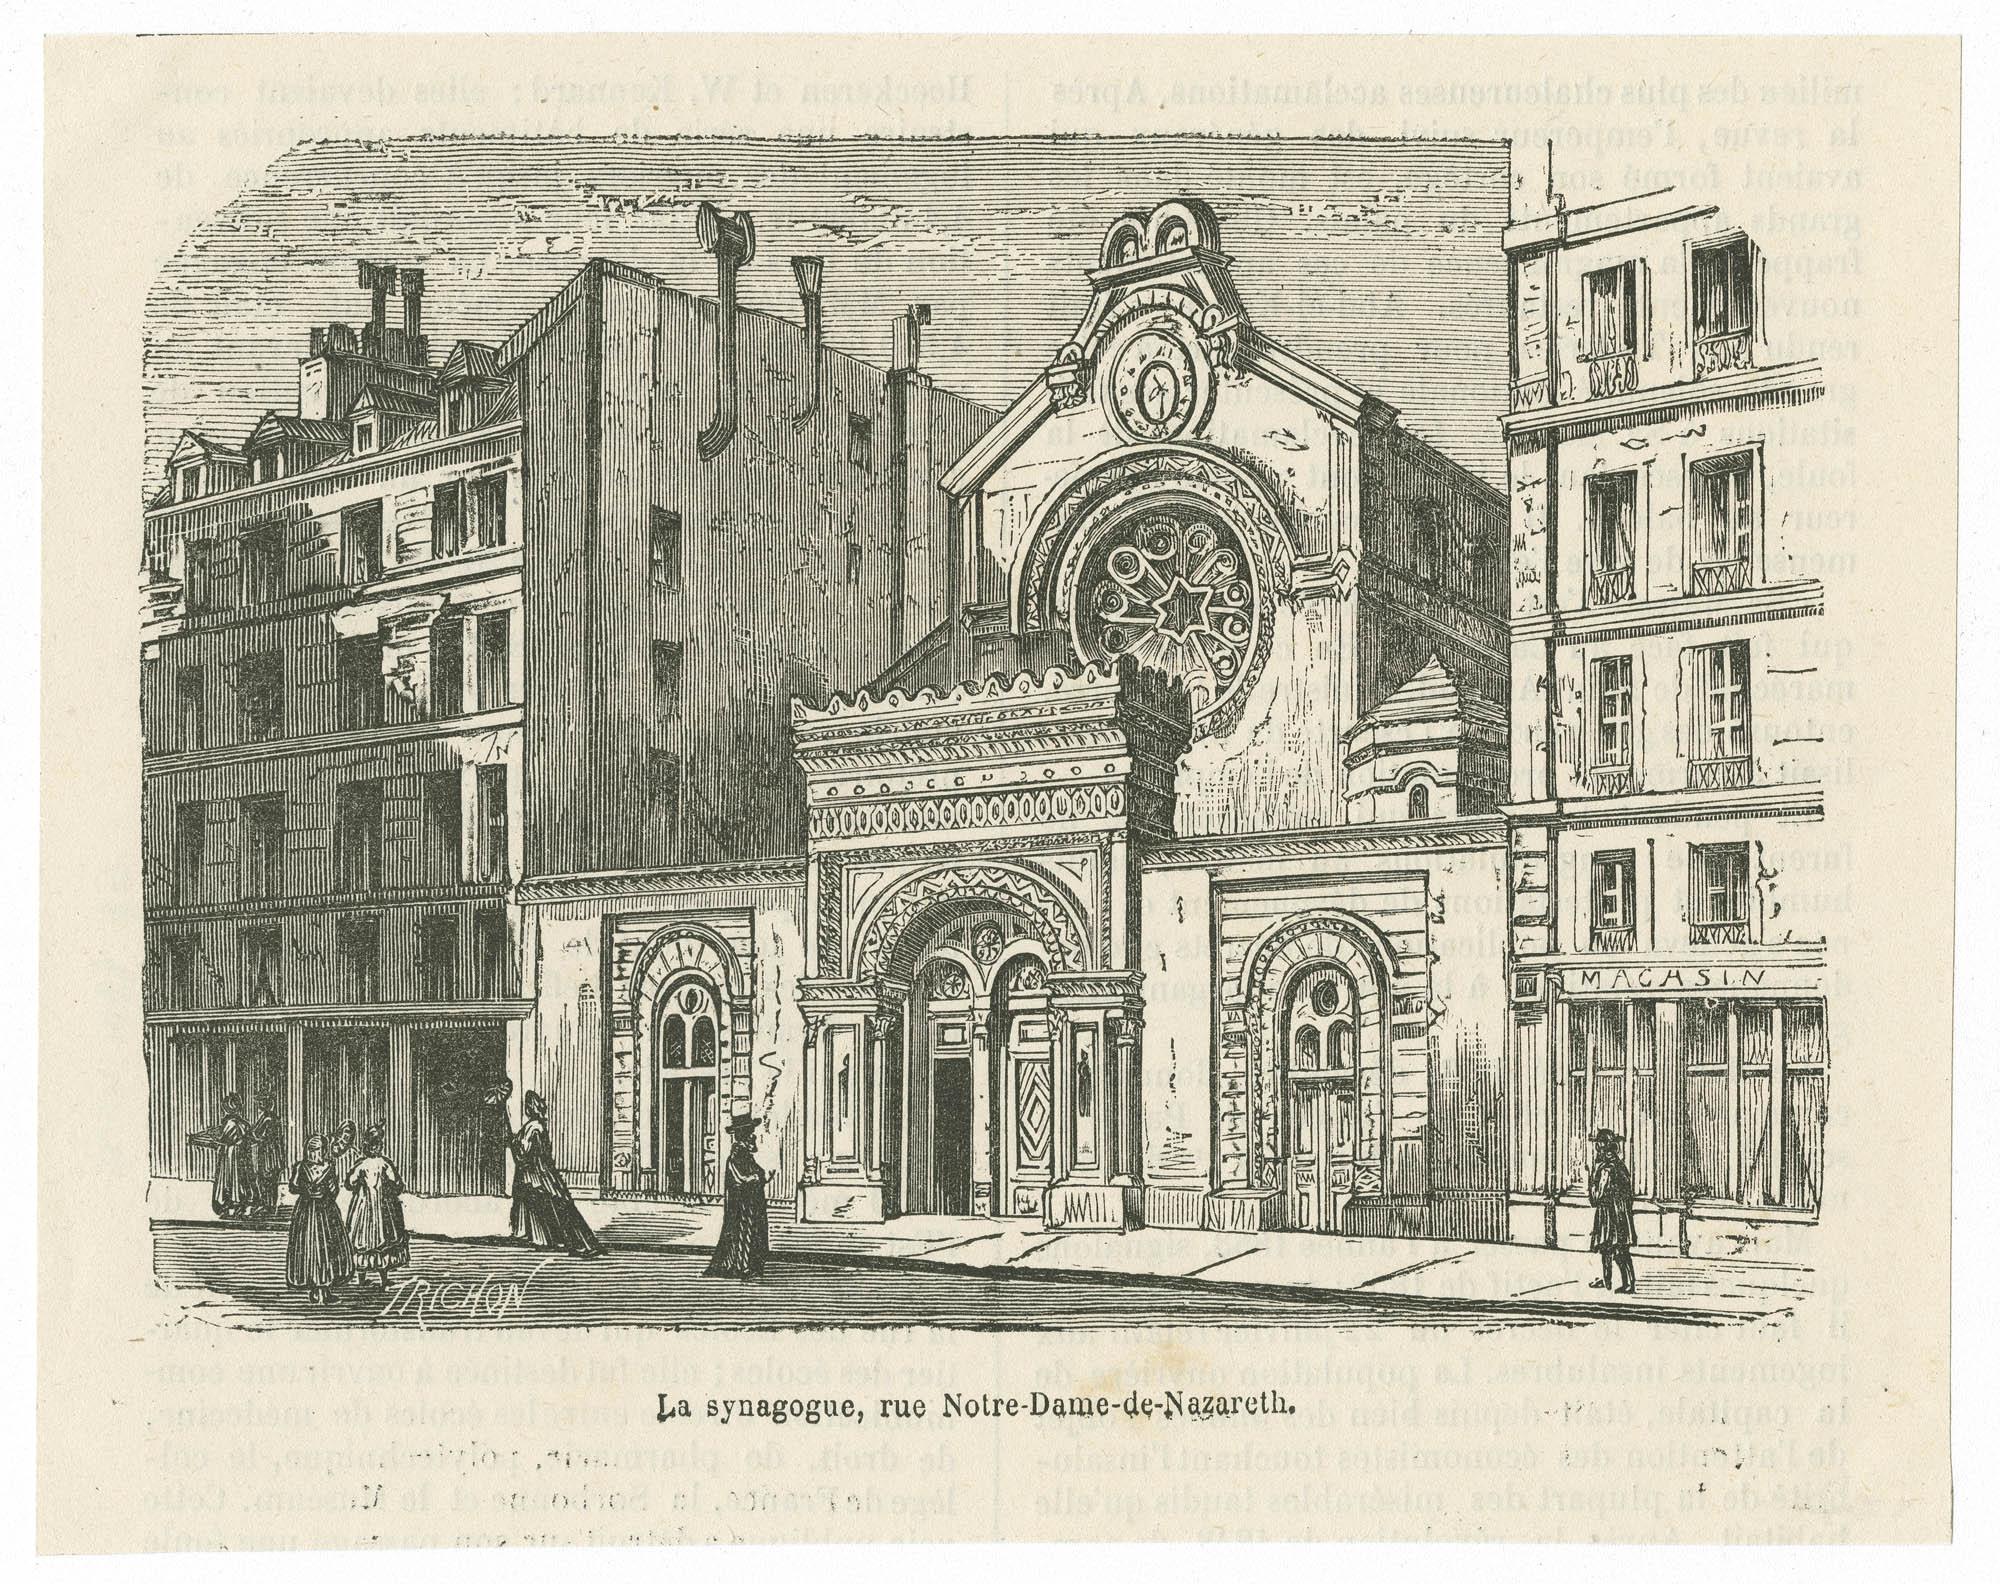 La synagogue, rue Notre-Dame-de-Nazereth